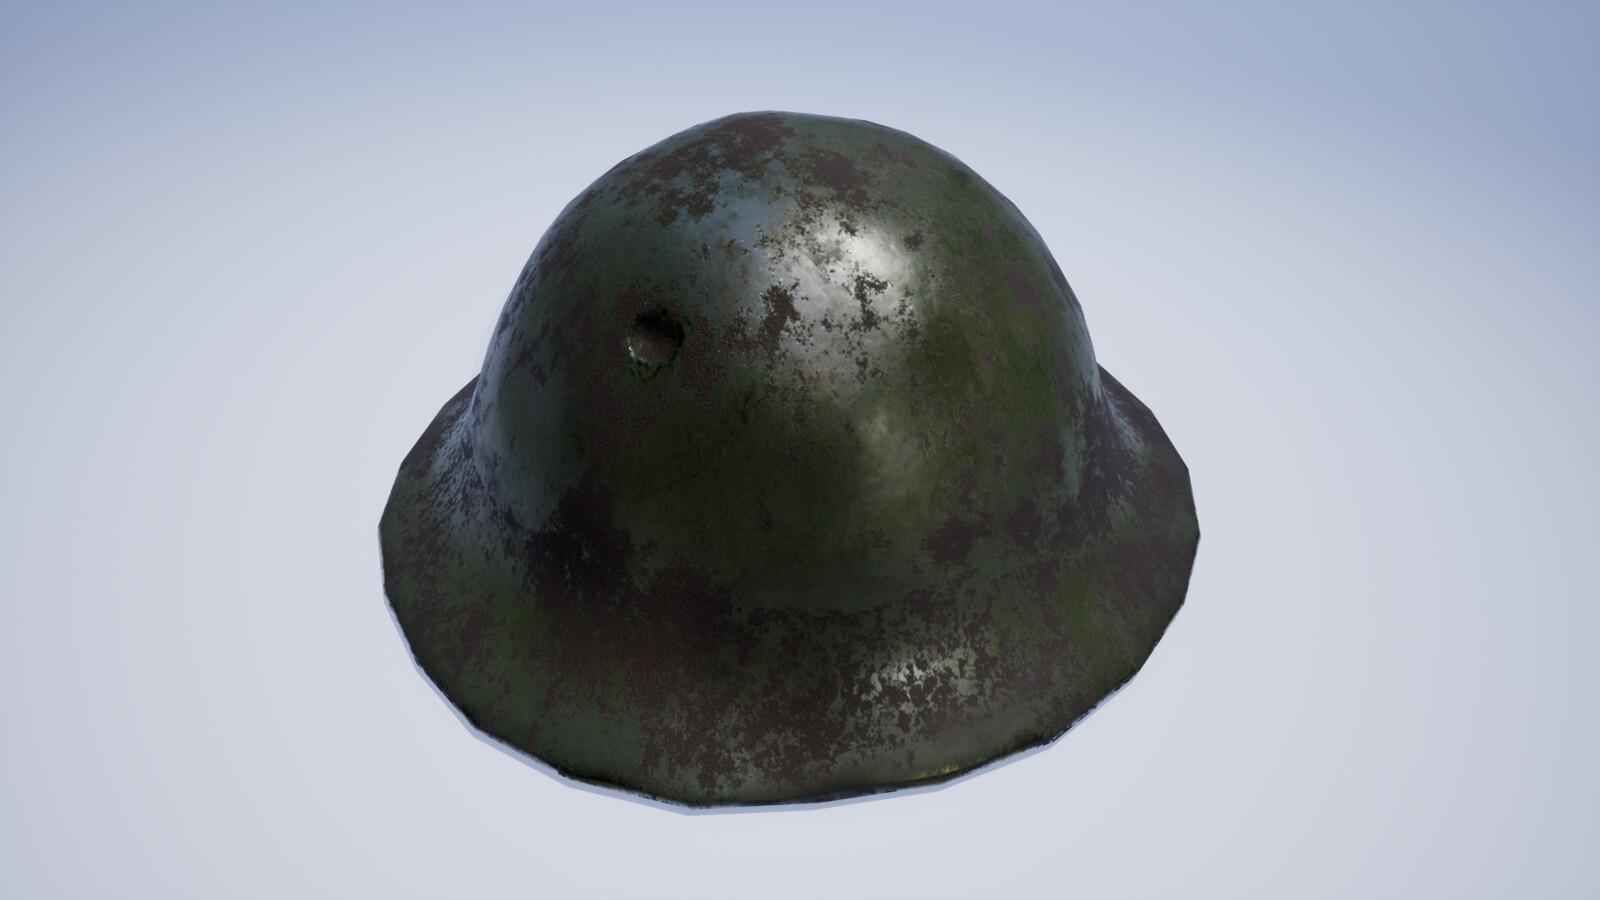 Distressed painted steel army helmet covered in mud